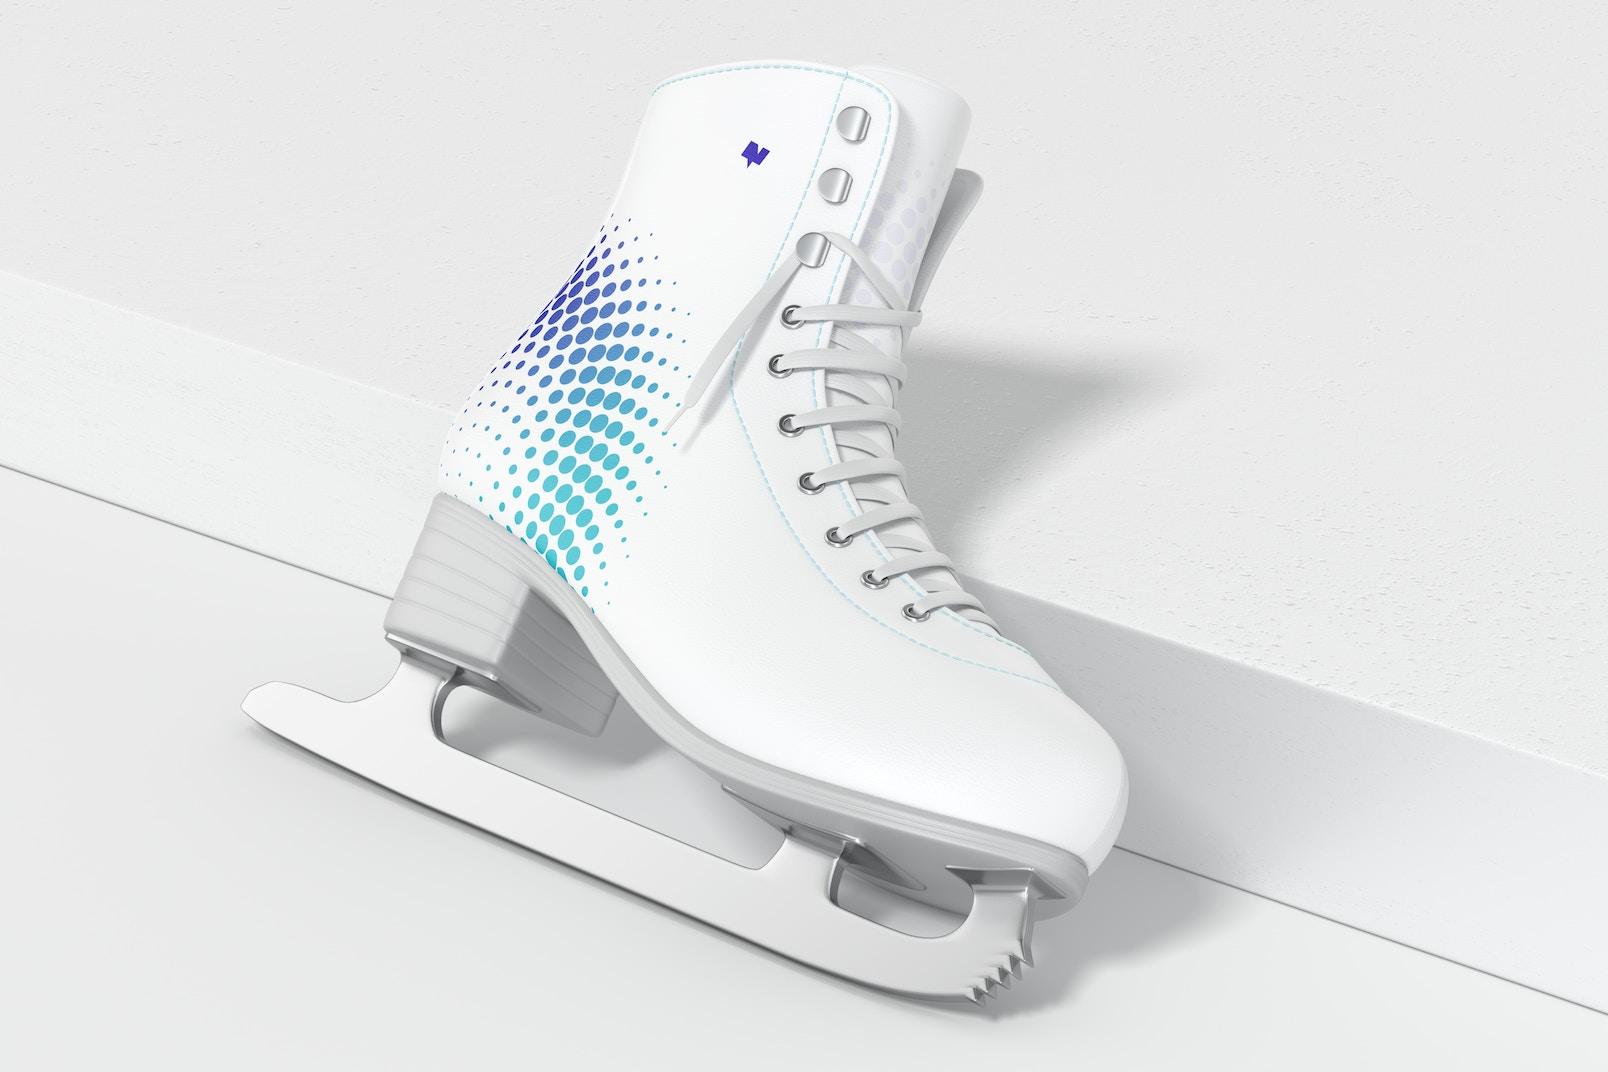 Ice Skate Mockup, Leaned